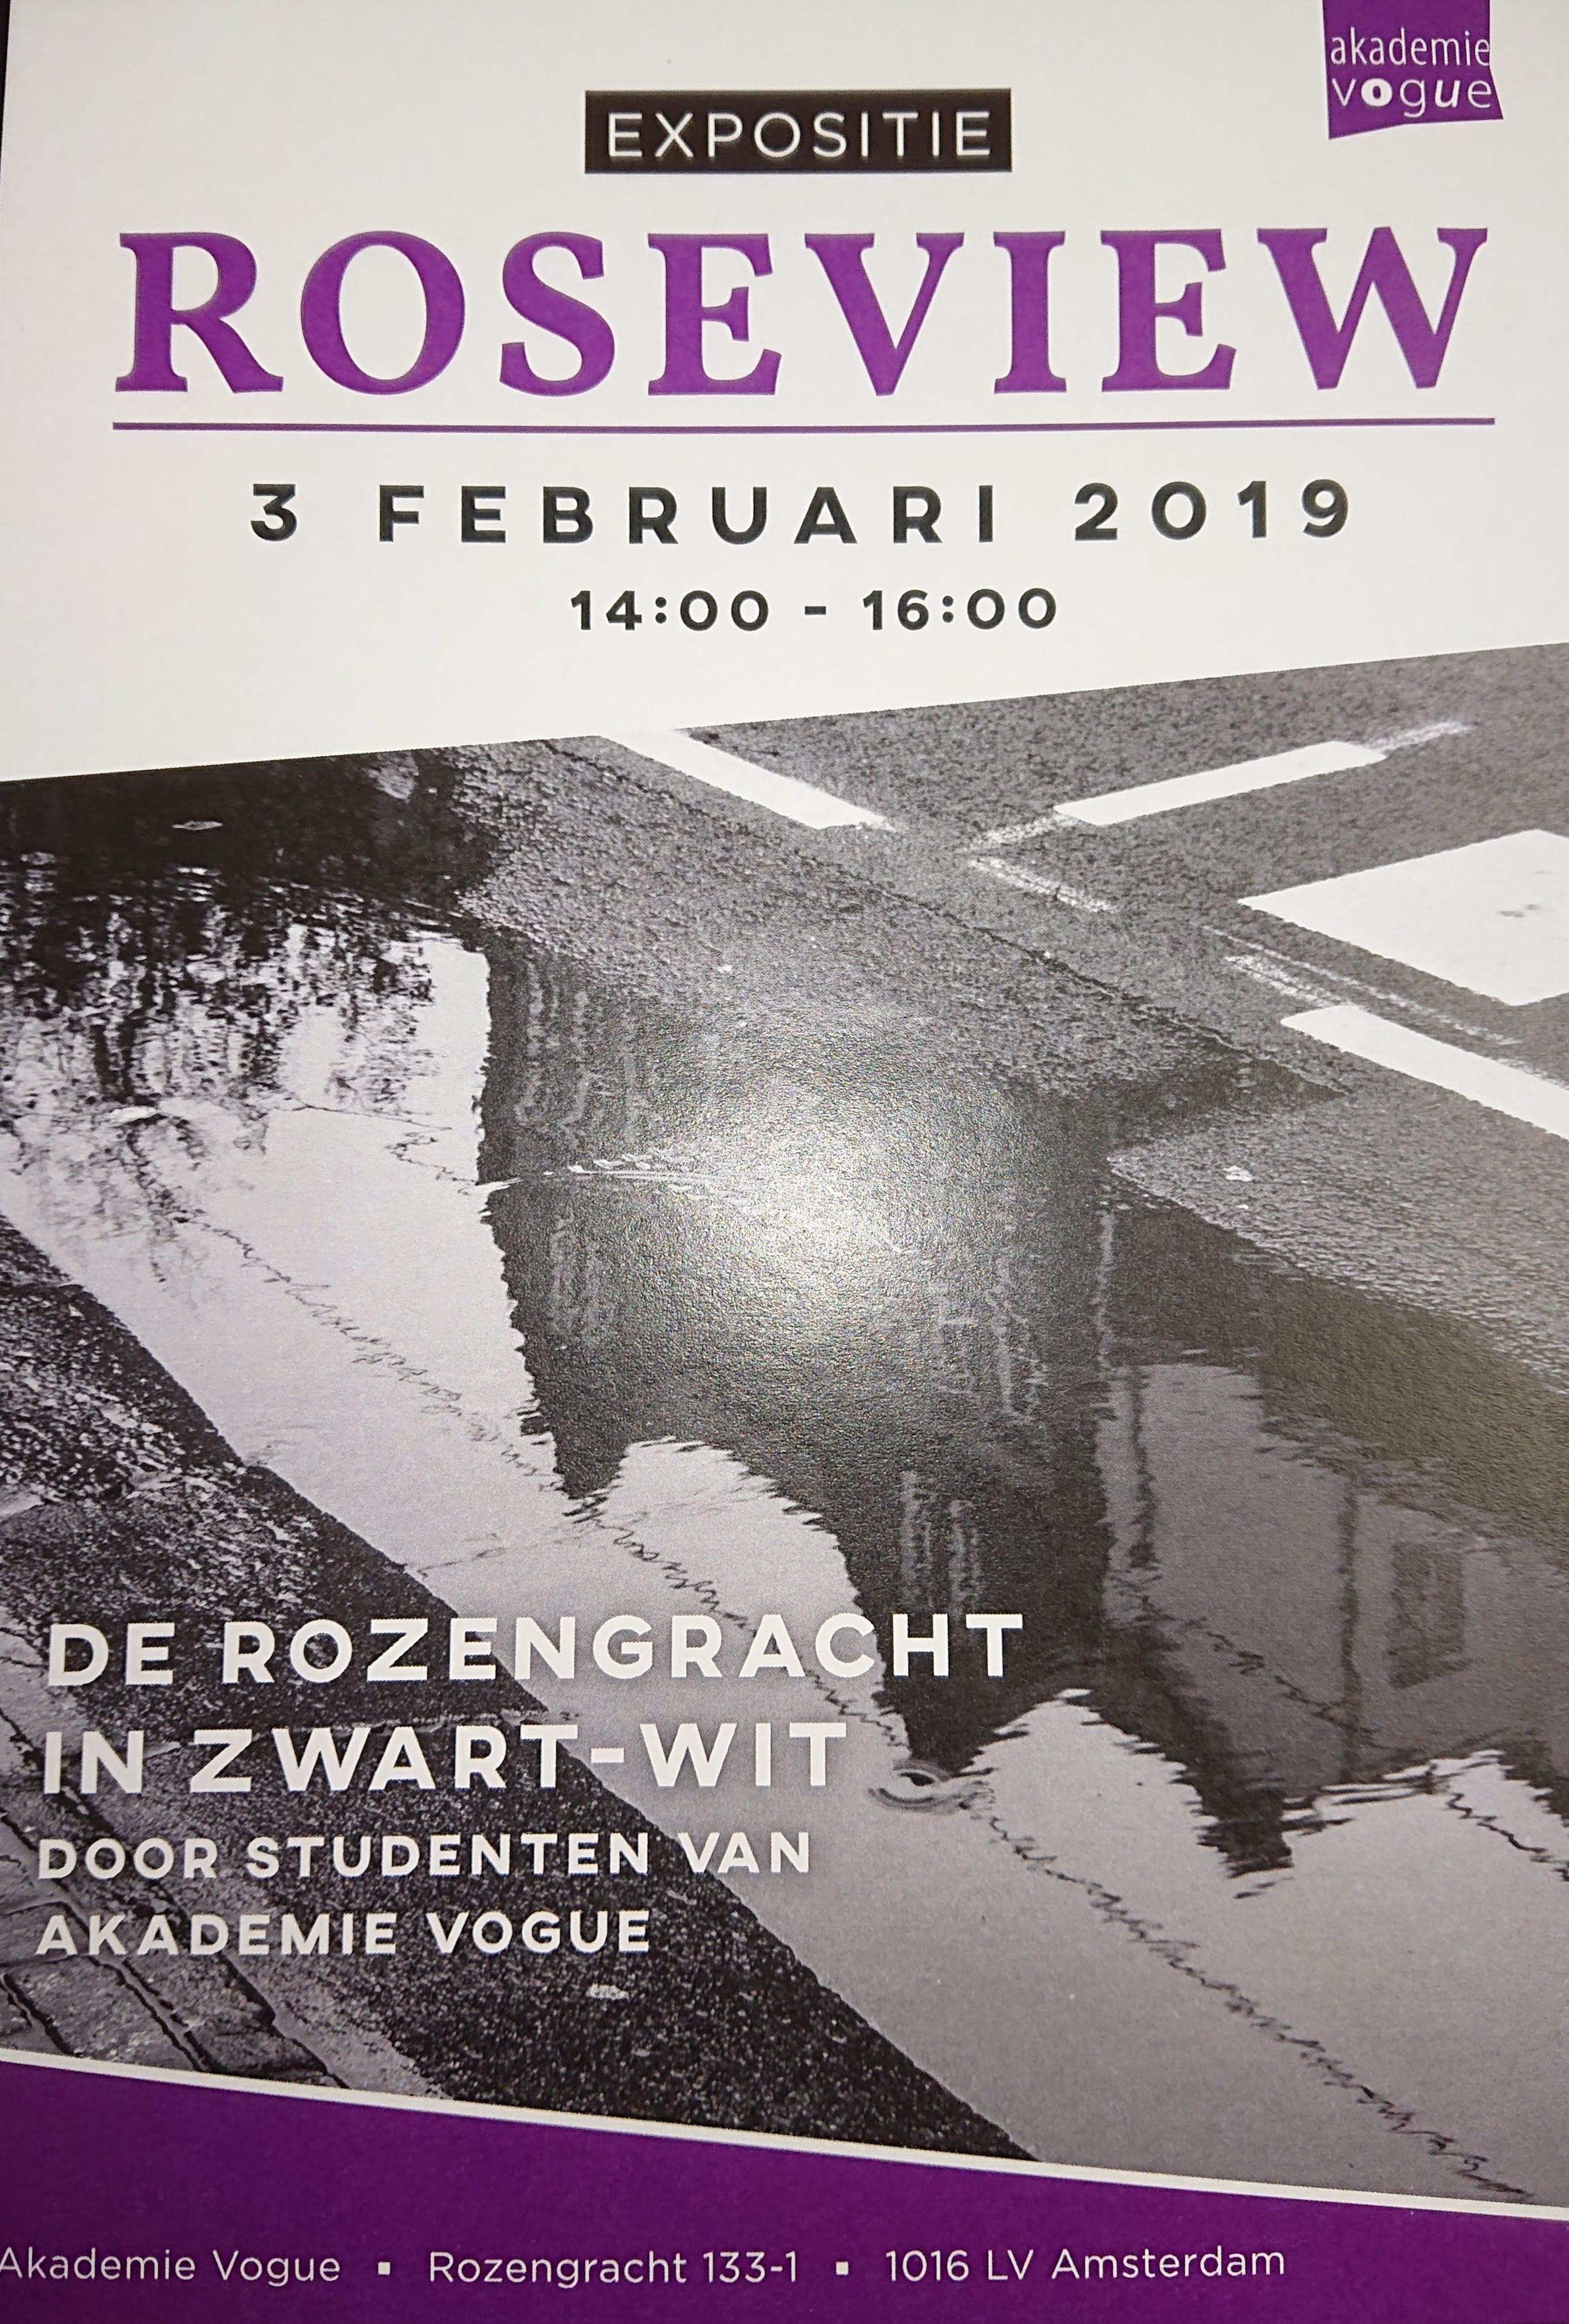 Roseview foto expositie 3 Februari